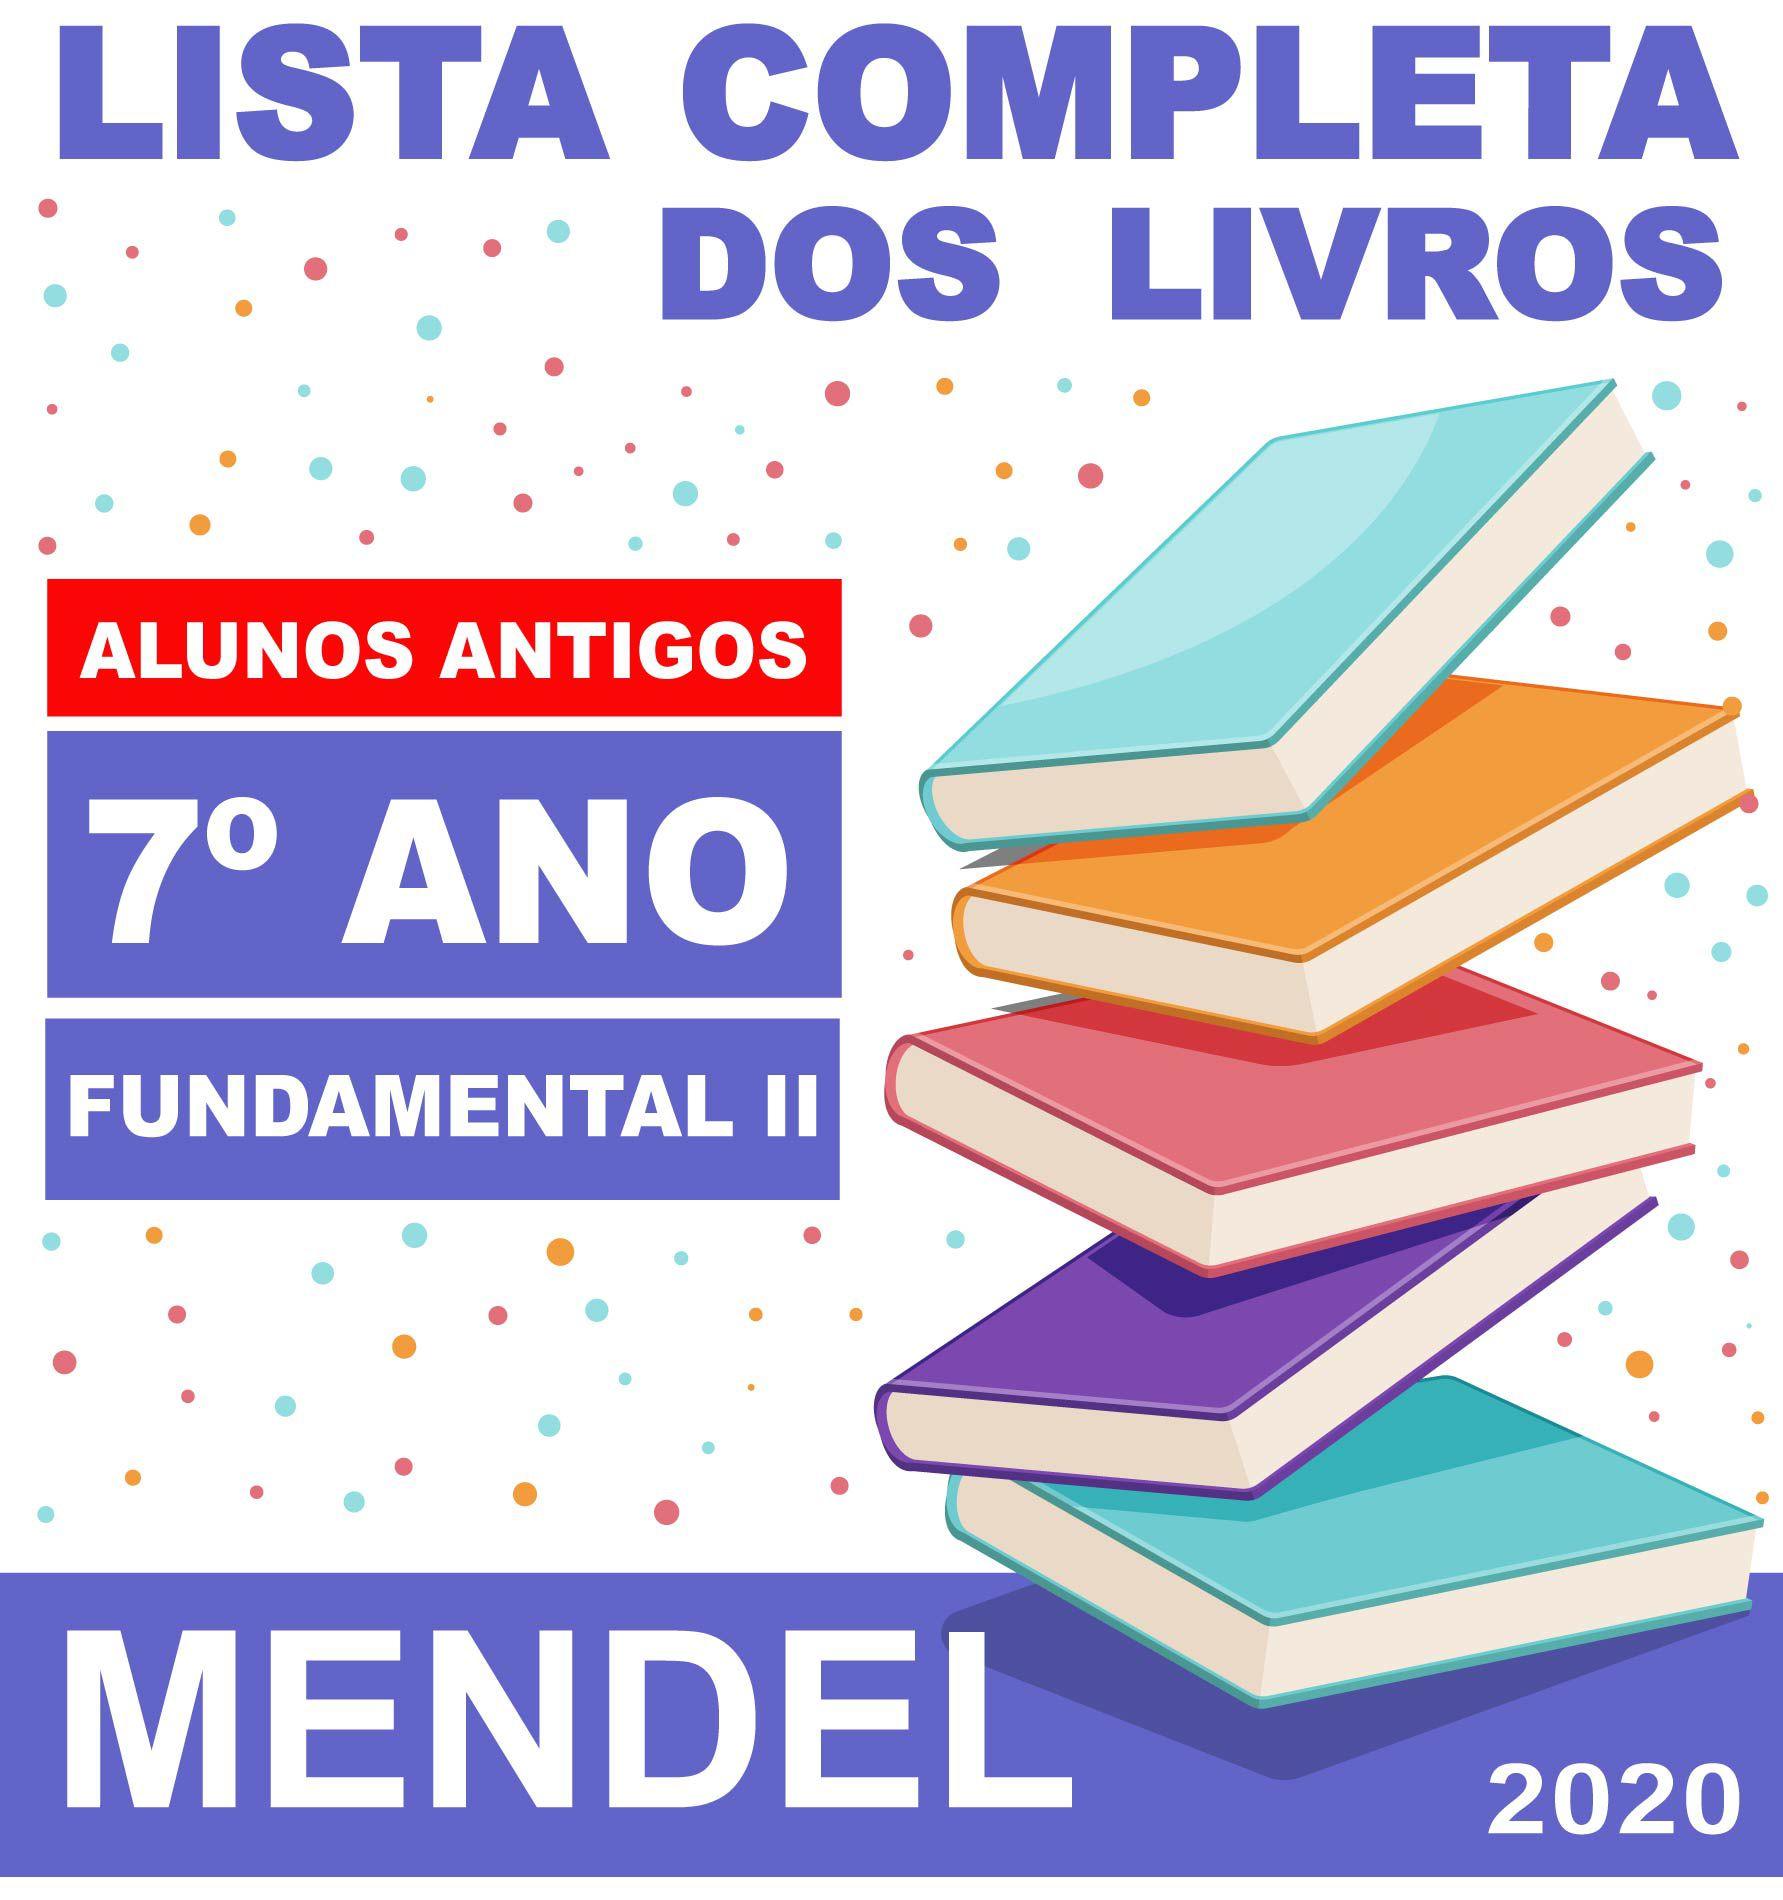 LISTA COMPLETA DE LIVROS 7º ANO ALUNOS ANTIGOS - FUNDAMENTAL 2